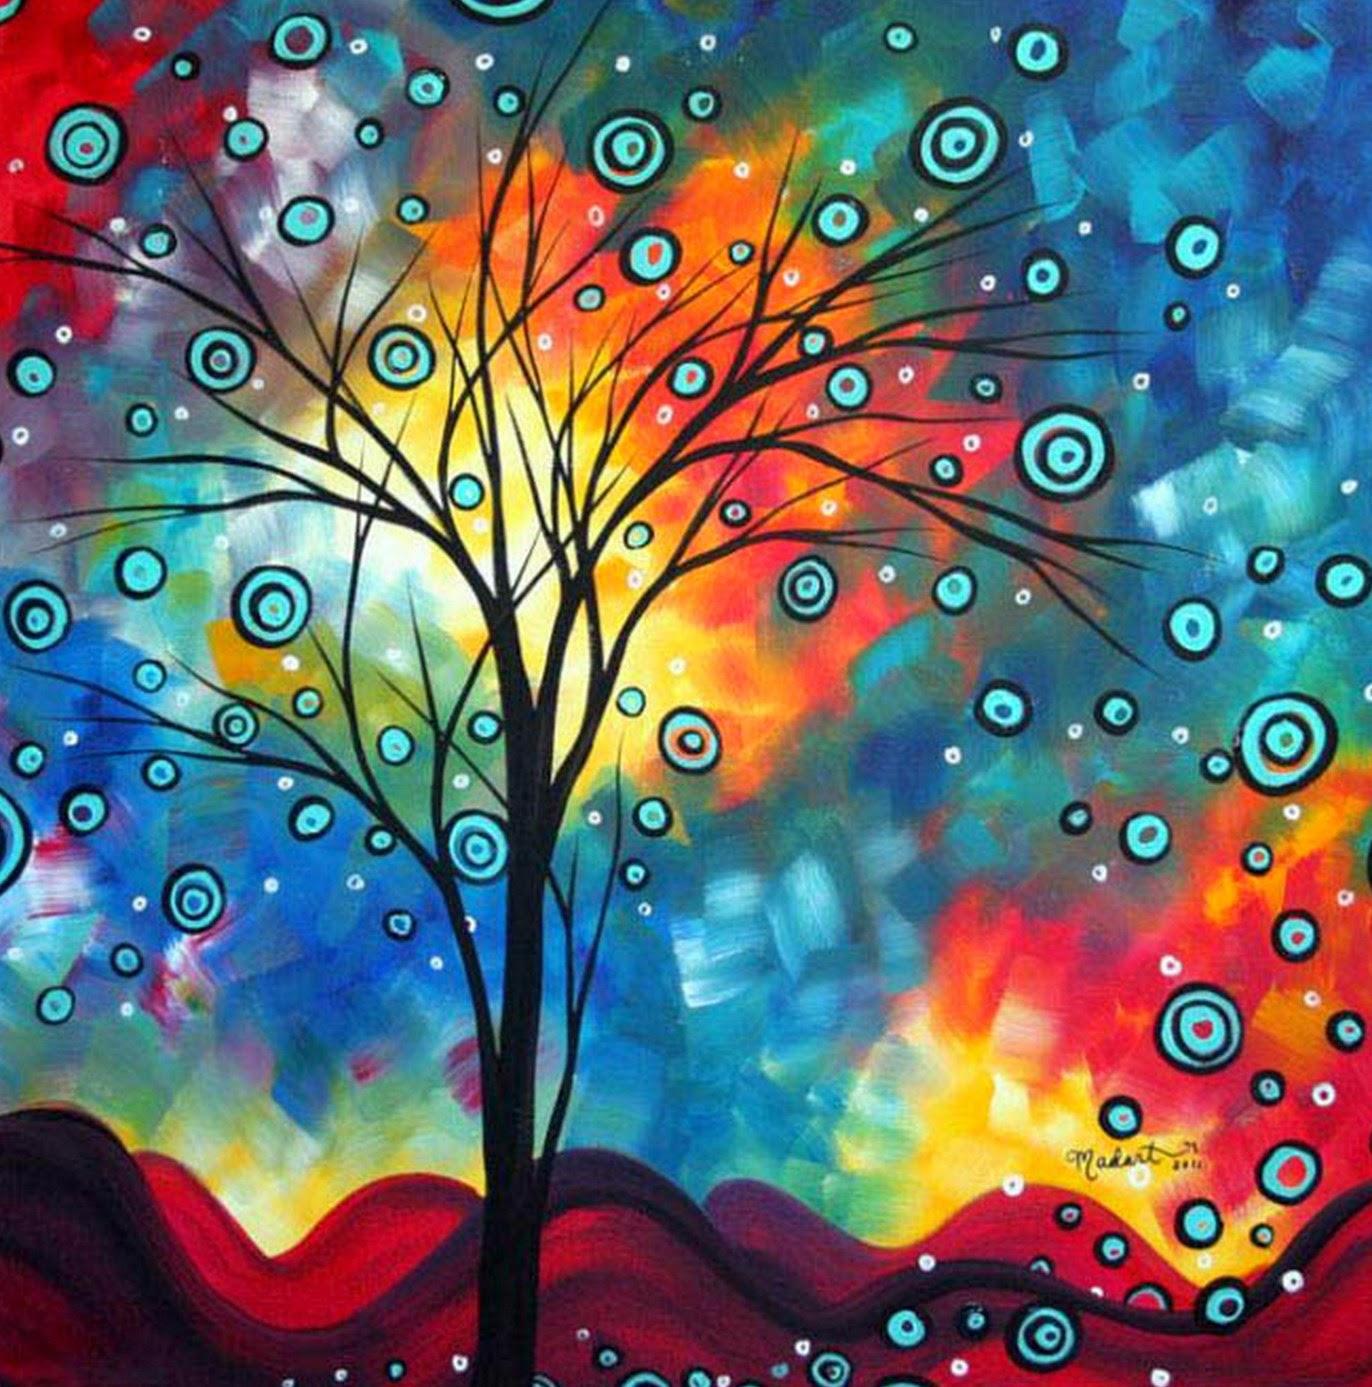 Pintura moderna y fotograf a art stica pintura - Color y pintura ...